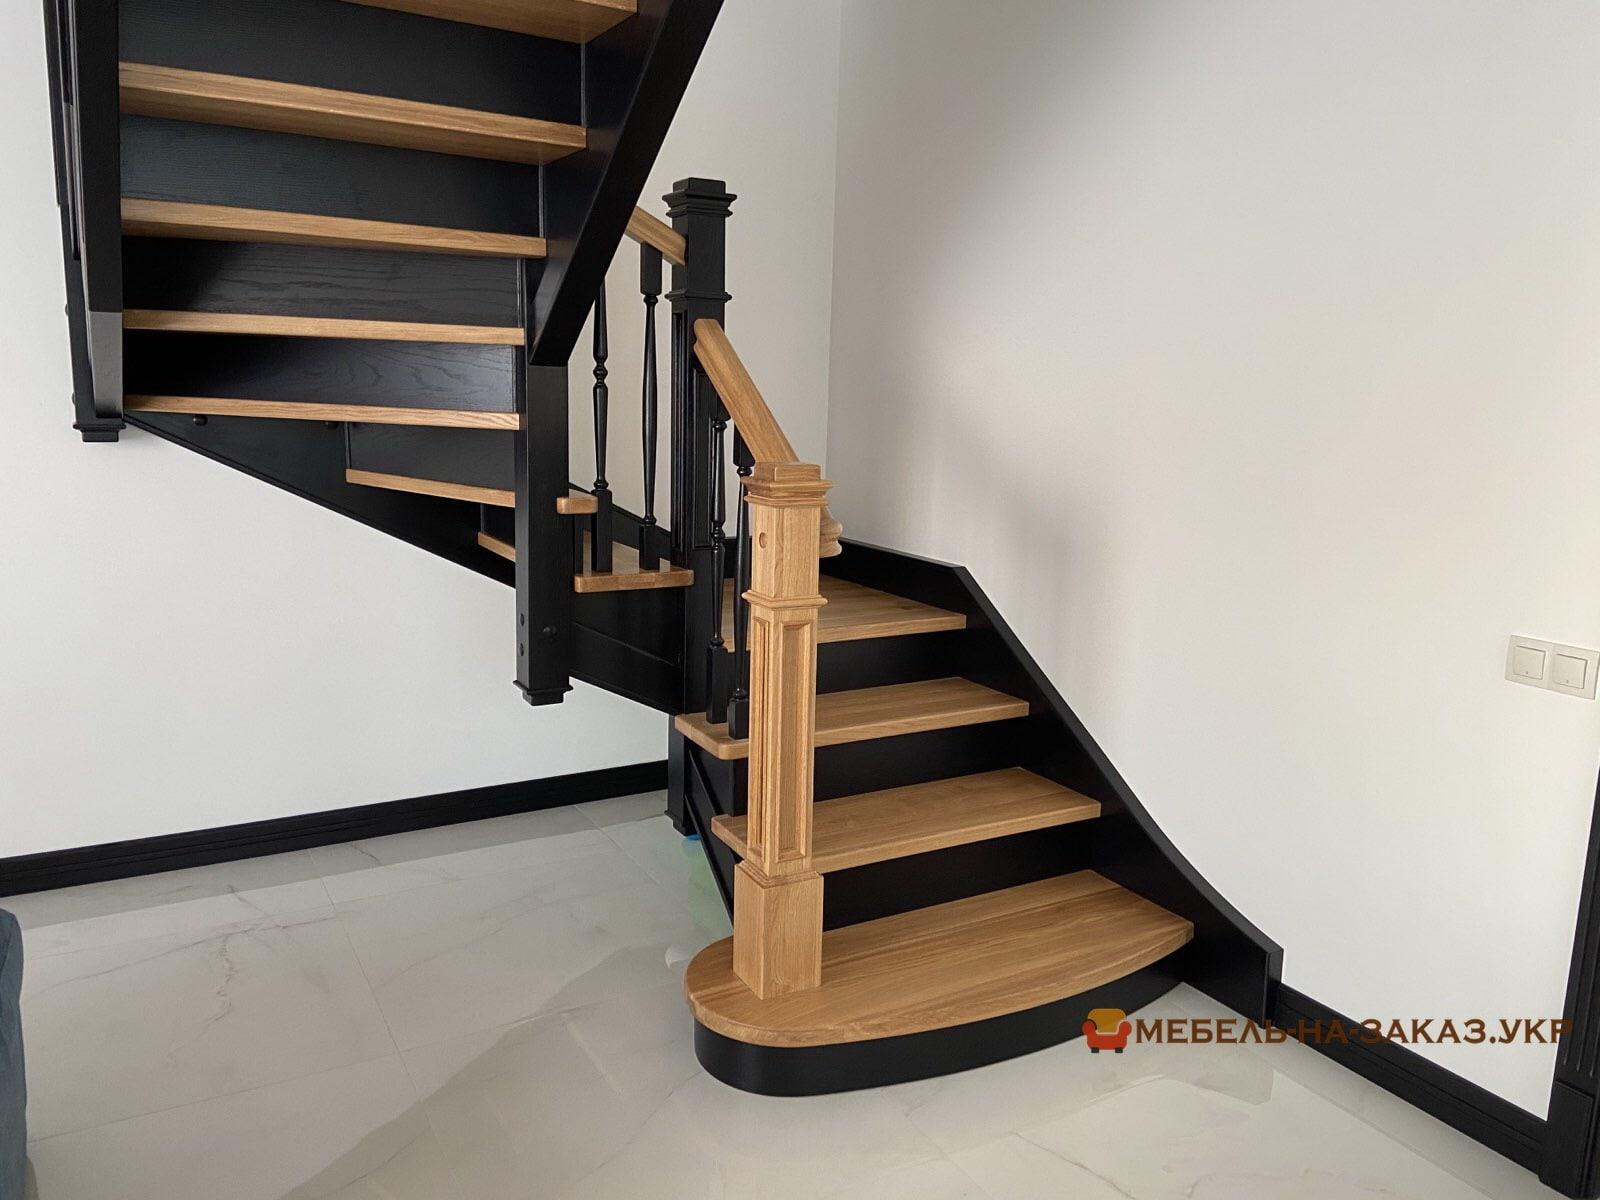 трех маршевая лестница из дерева